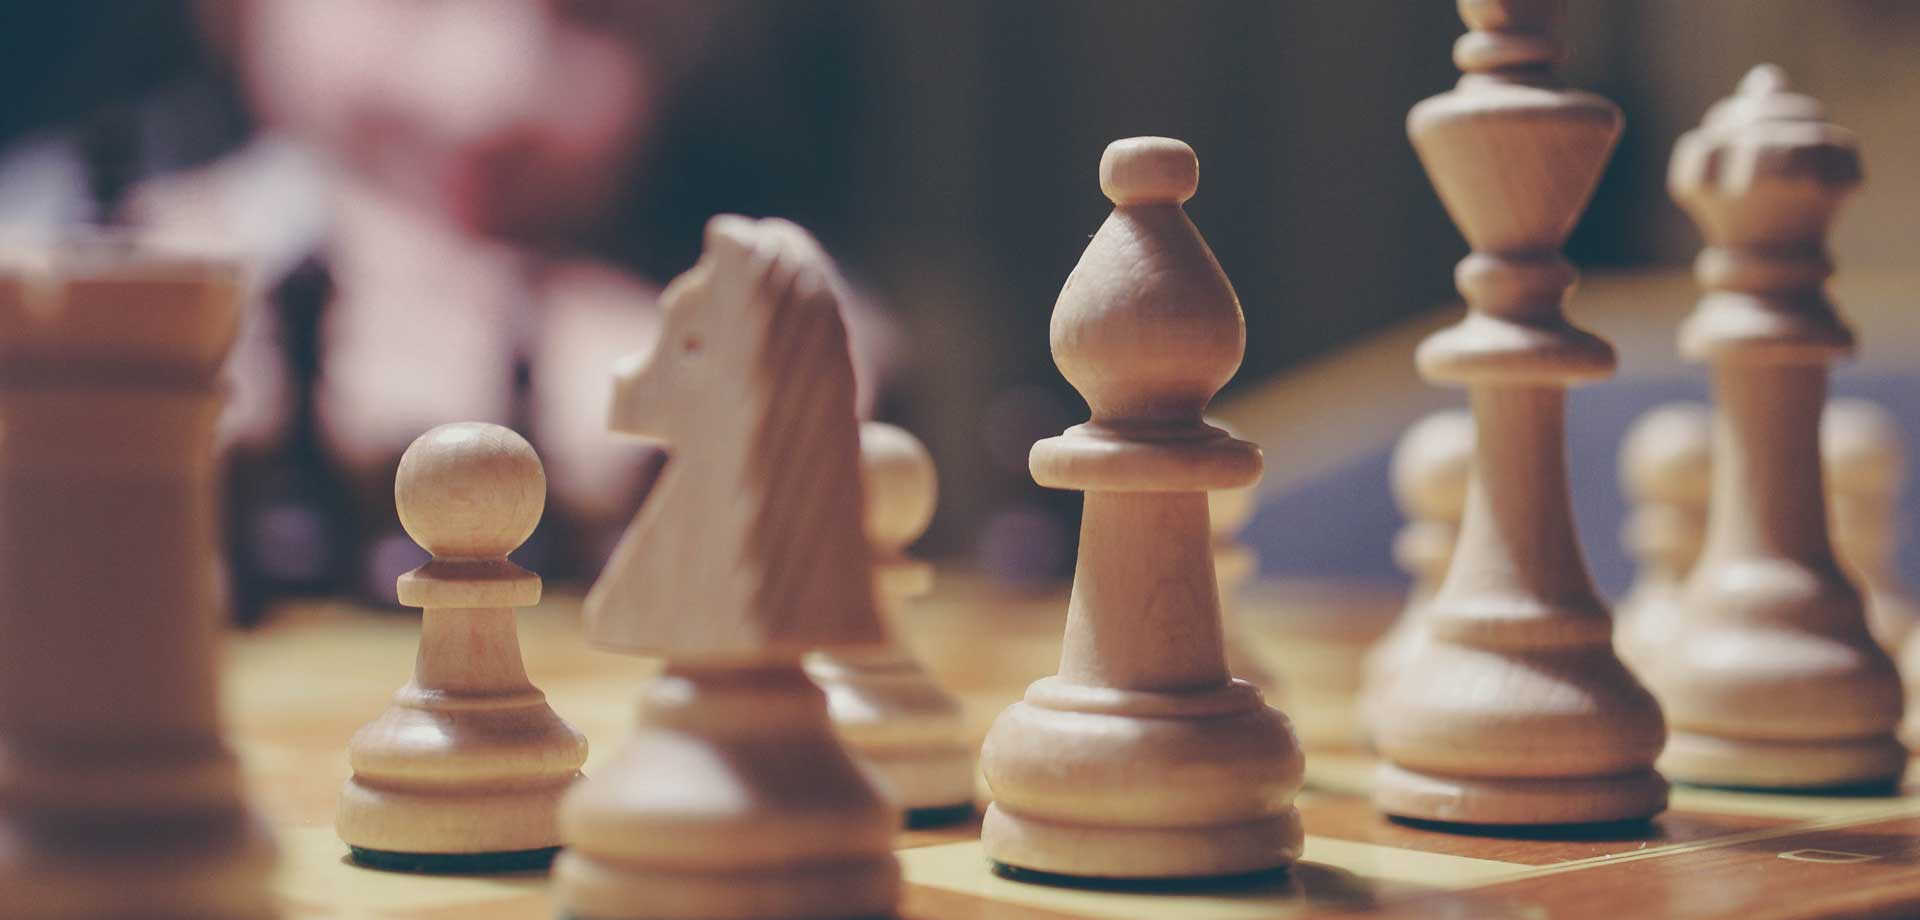 Chess board representing strategic tax planning in Danville, CA